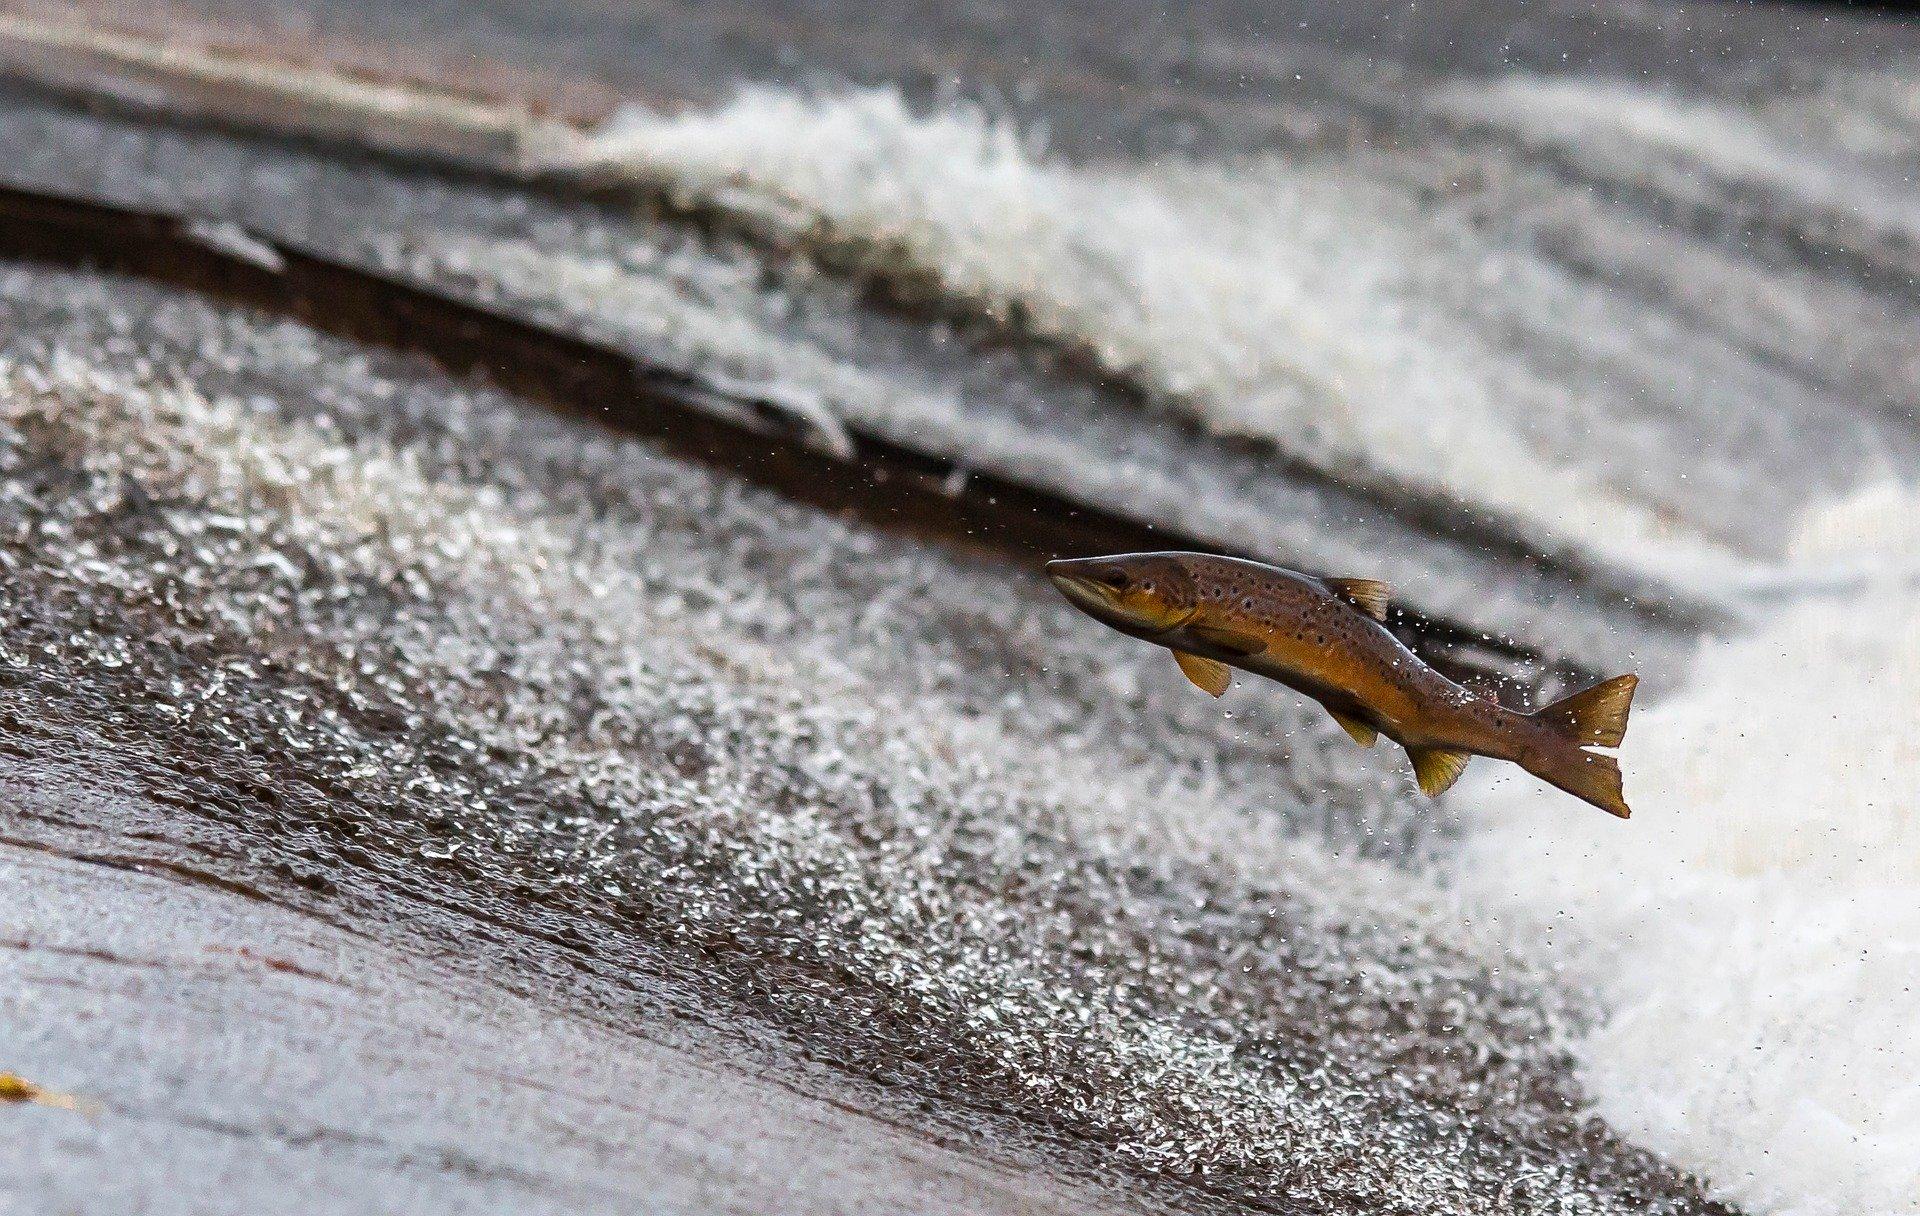 Канадские химики придумали эко-замену из рыбных отходов для полиуретана